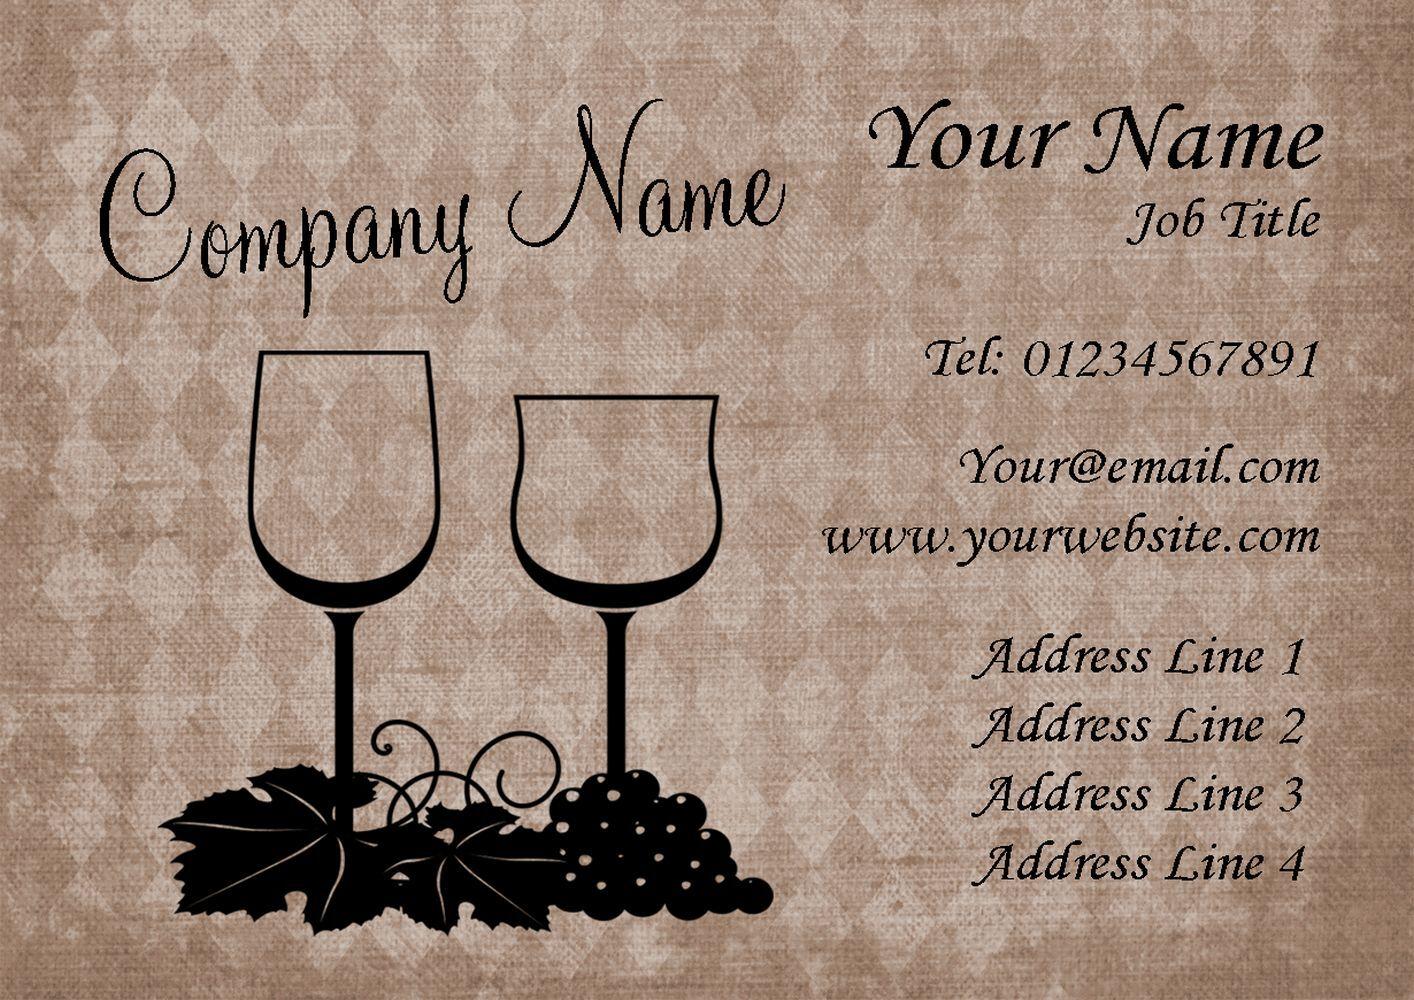 Le vin et raisin cartes de visite visite de personnalisées 94ed99